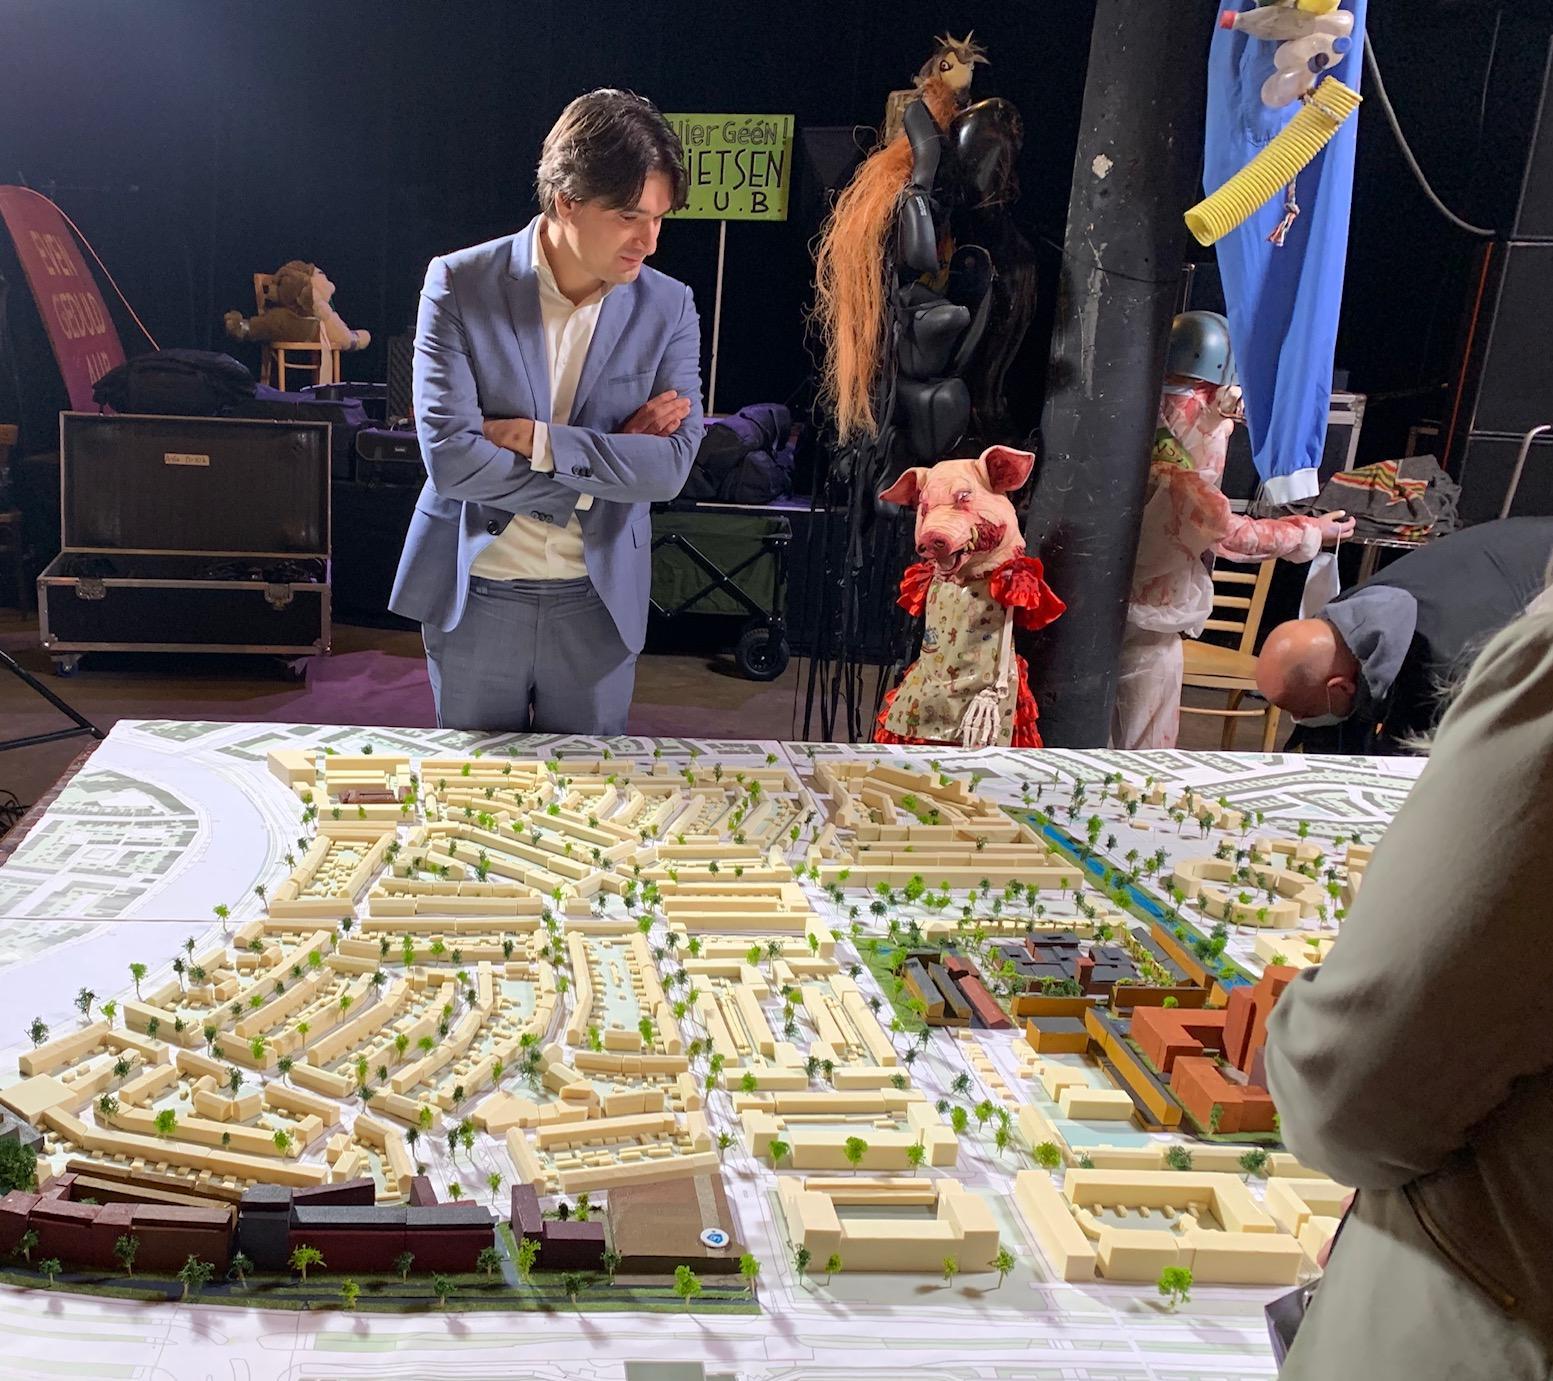 In de Haarlemse Slachthuisbuurt komen er 1136 woningen bij, de gemeente ging 'in gesprek' met de huidige buurtbewoners